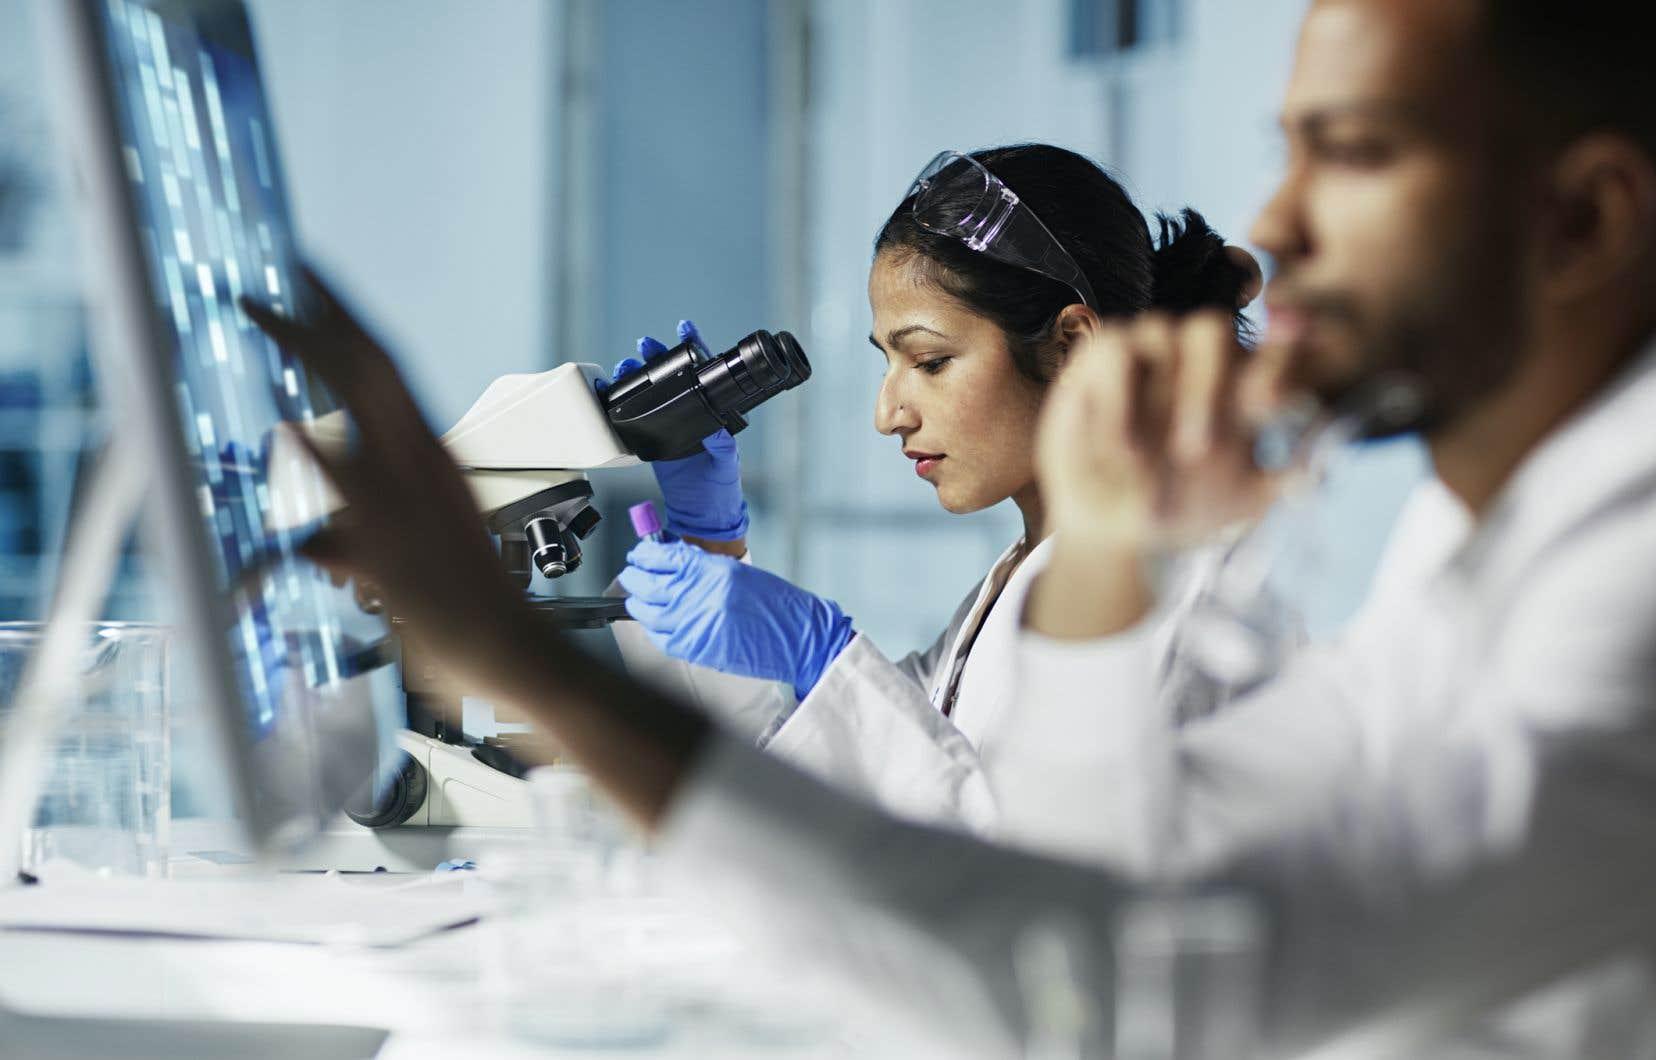 Les femmes ont davantage le syndrome de l'imposteur que les hommes et se voient moins comme des expertes, souligne Maïka Sondarjee, codirectrice de Femmes expertes.